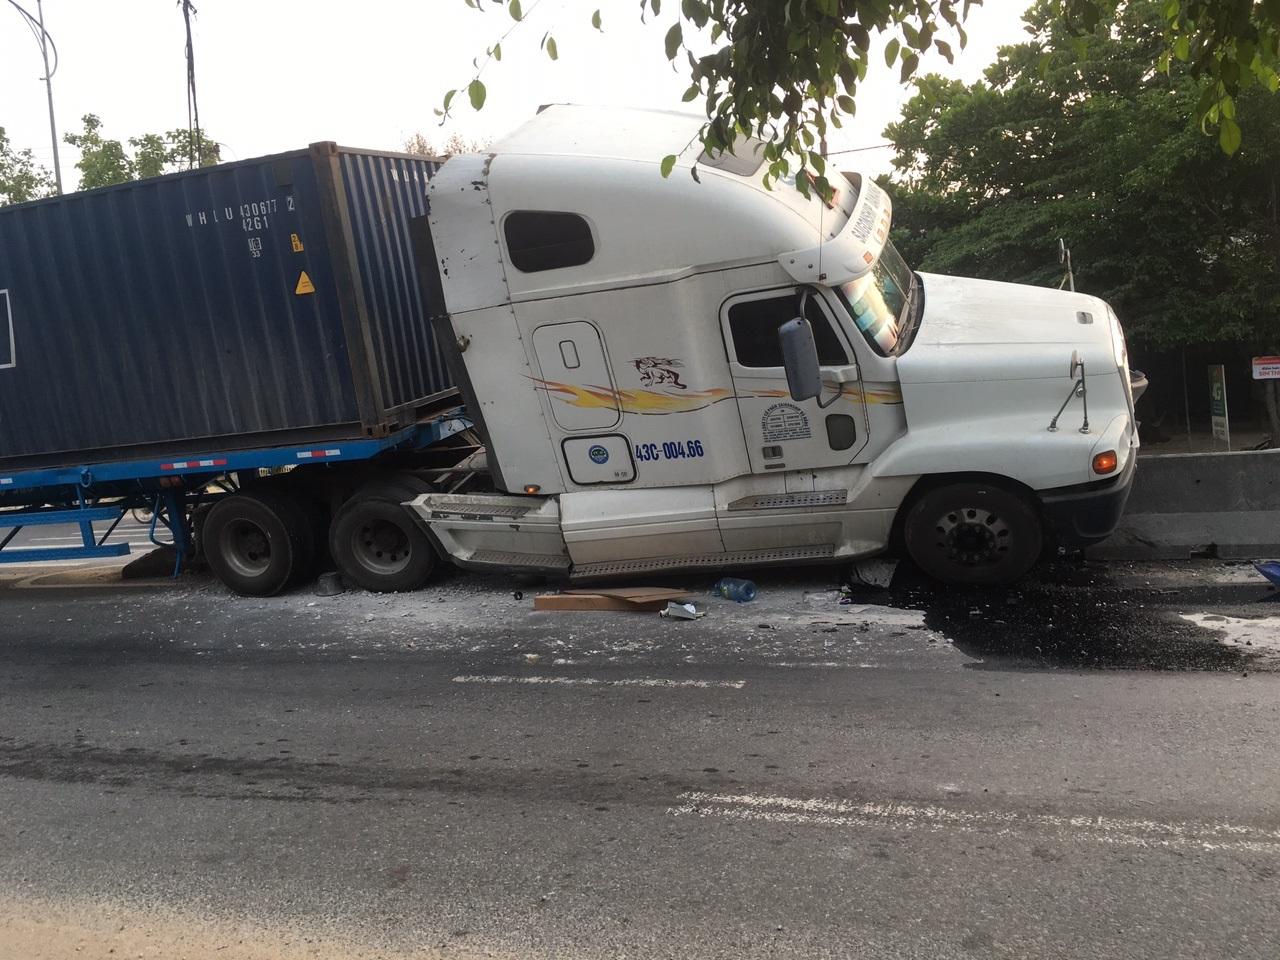 Xe container tông thẳng vào dãi phân cách